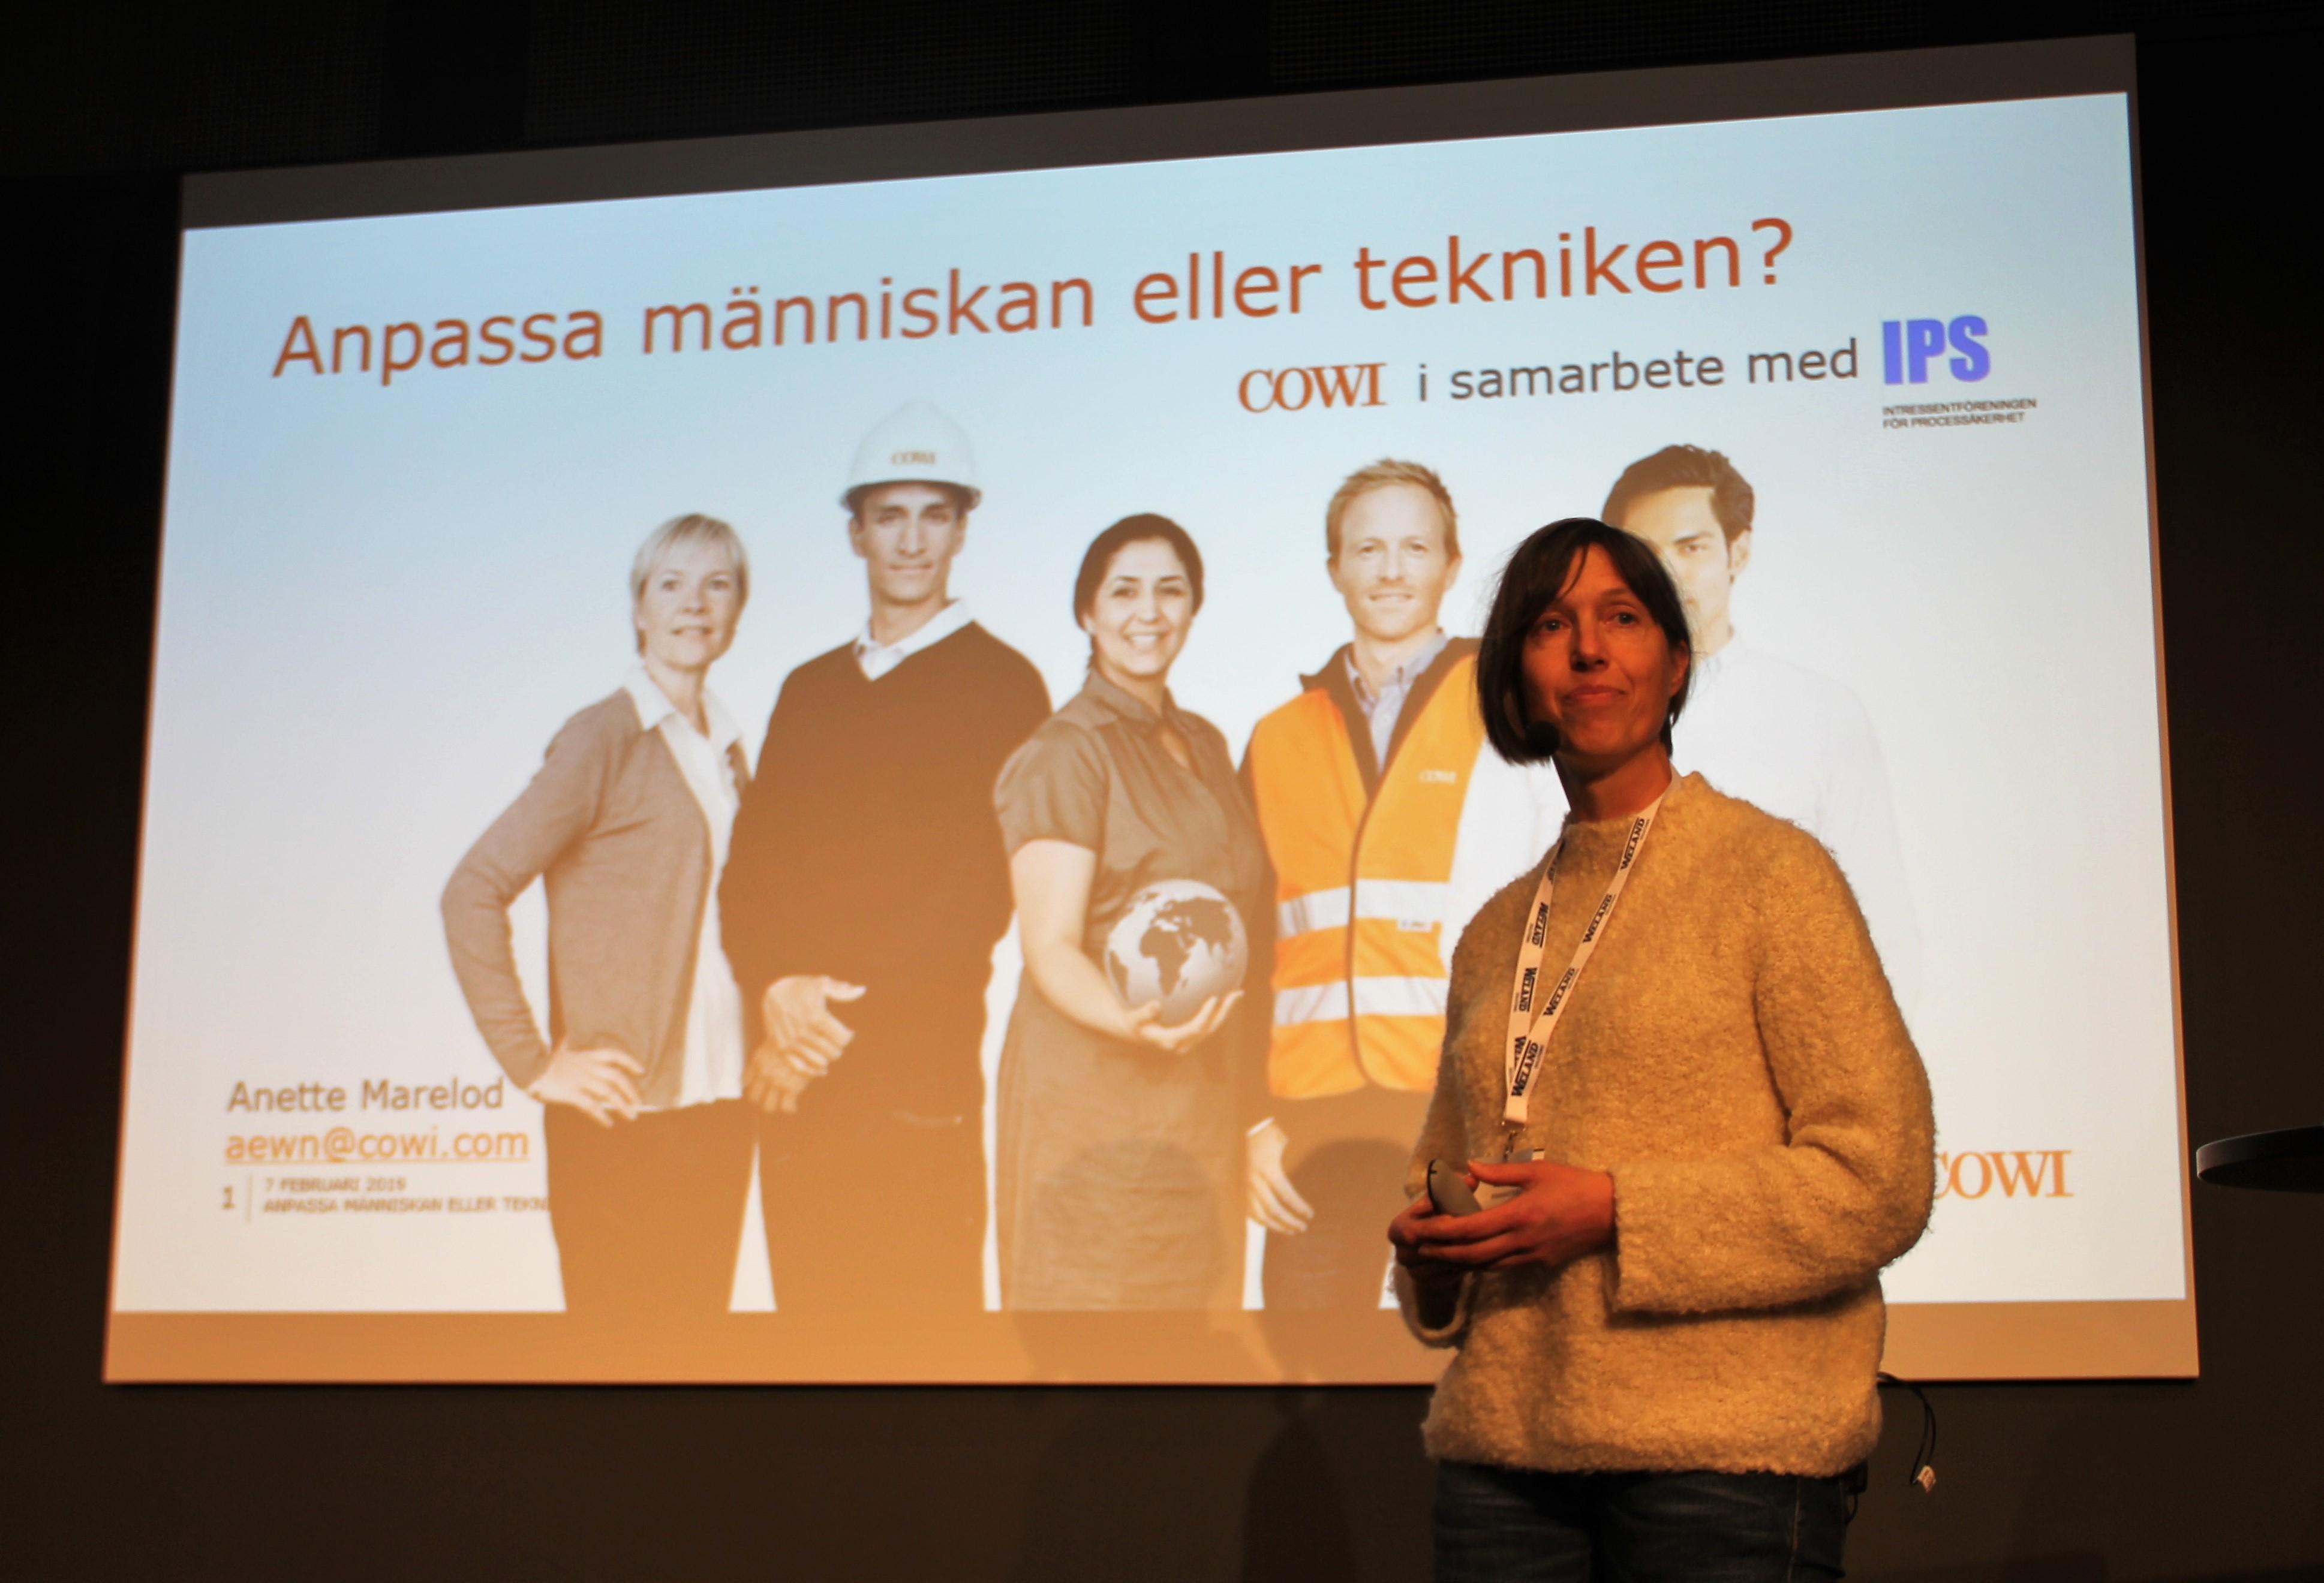 Gteborg omr-scanner.net